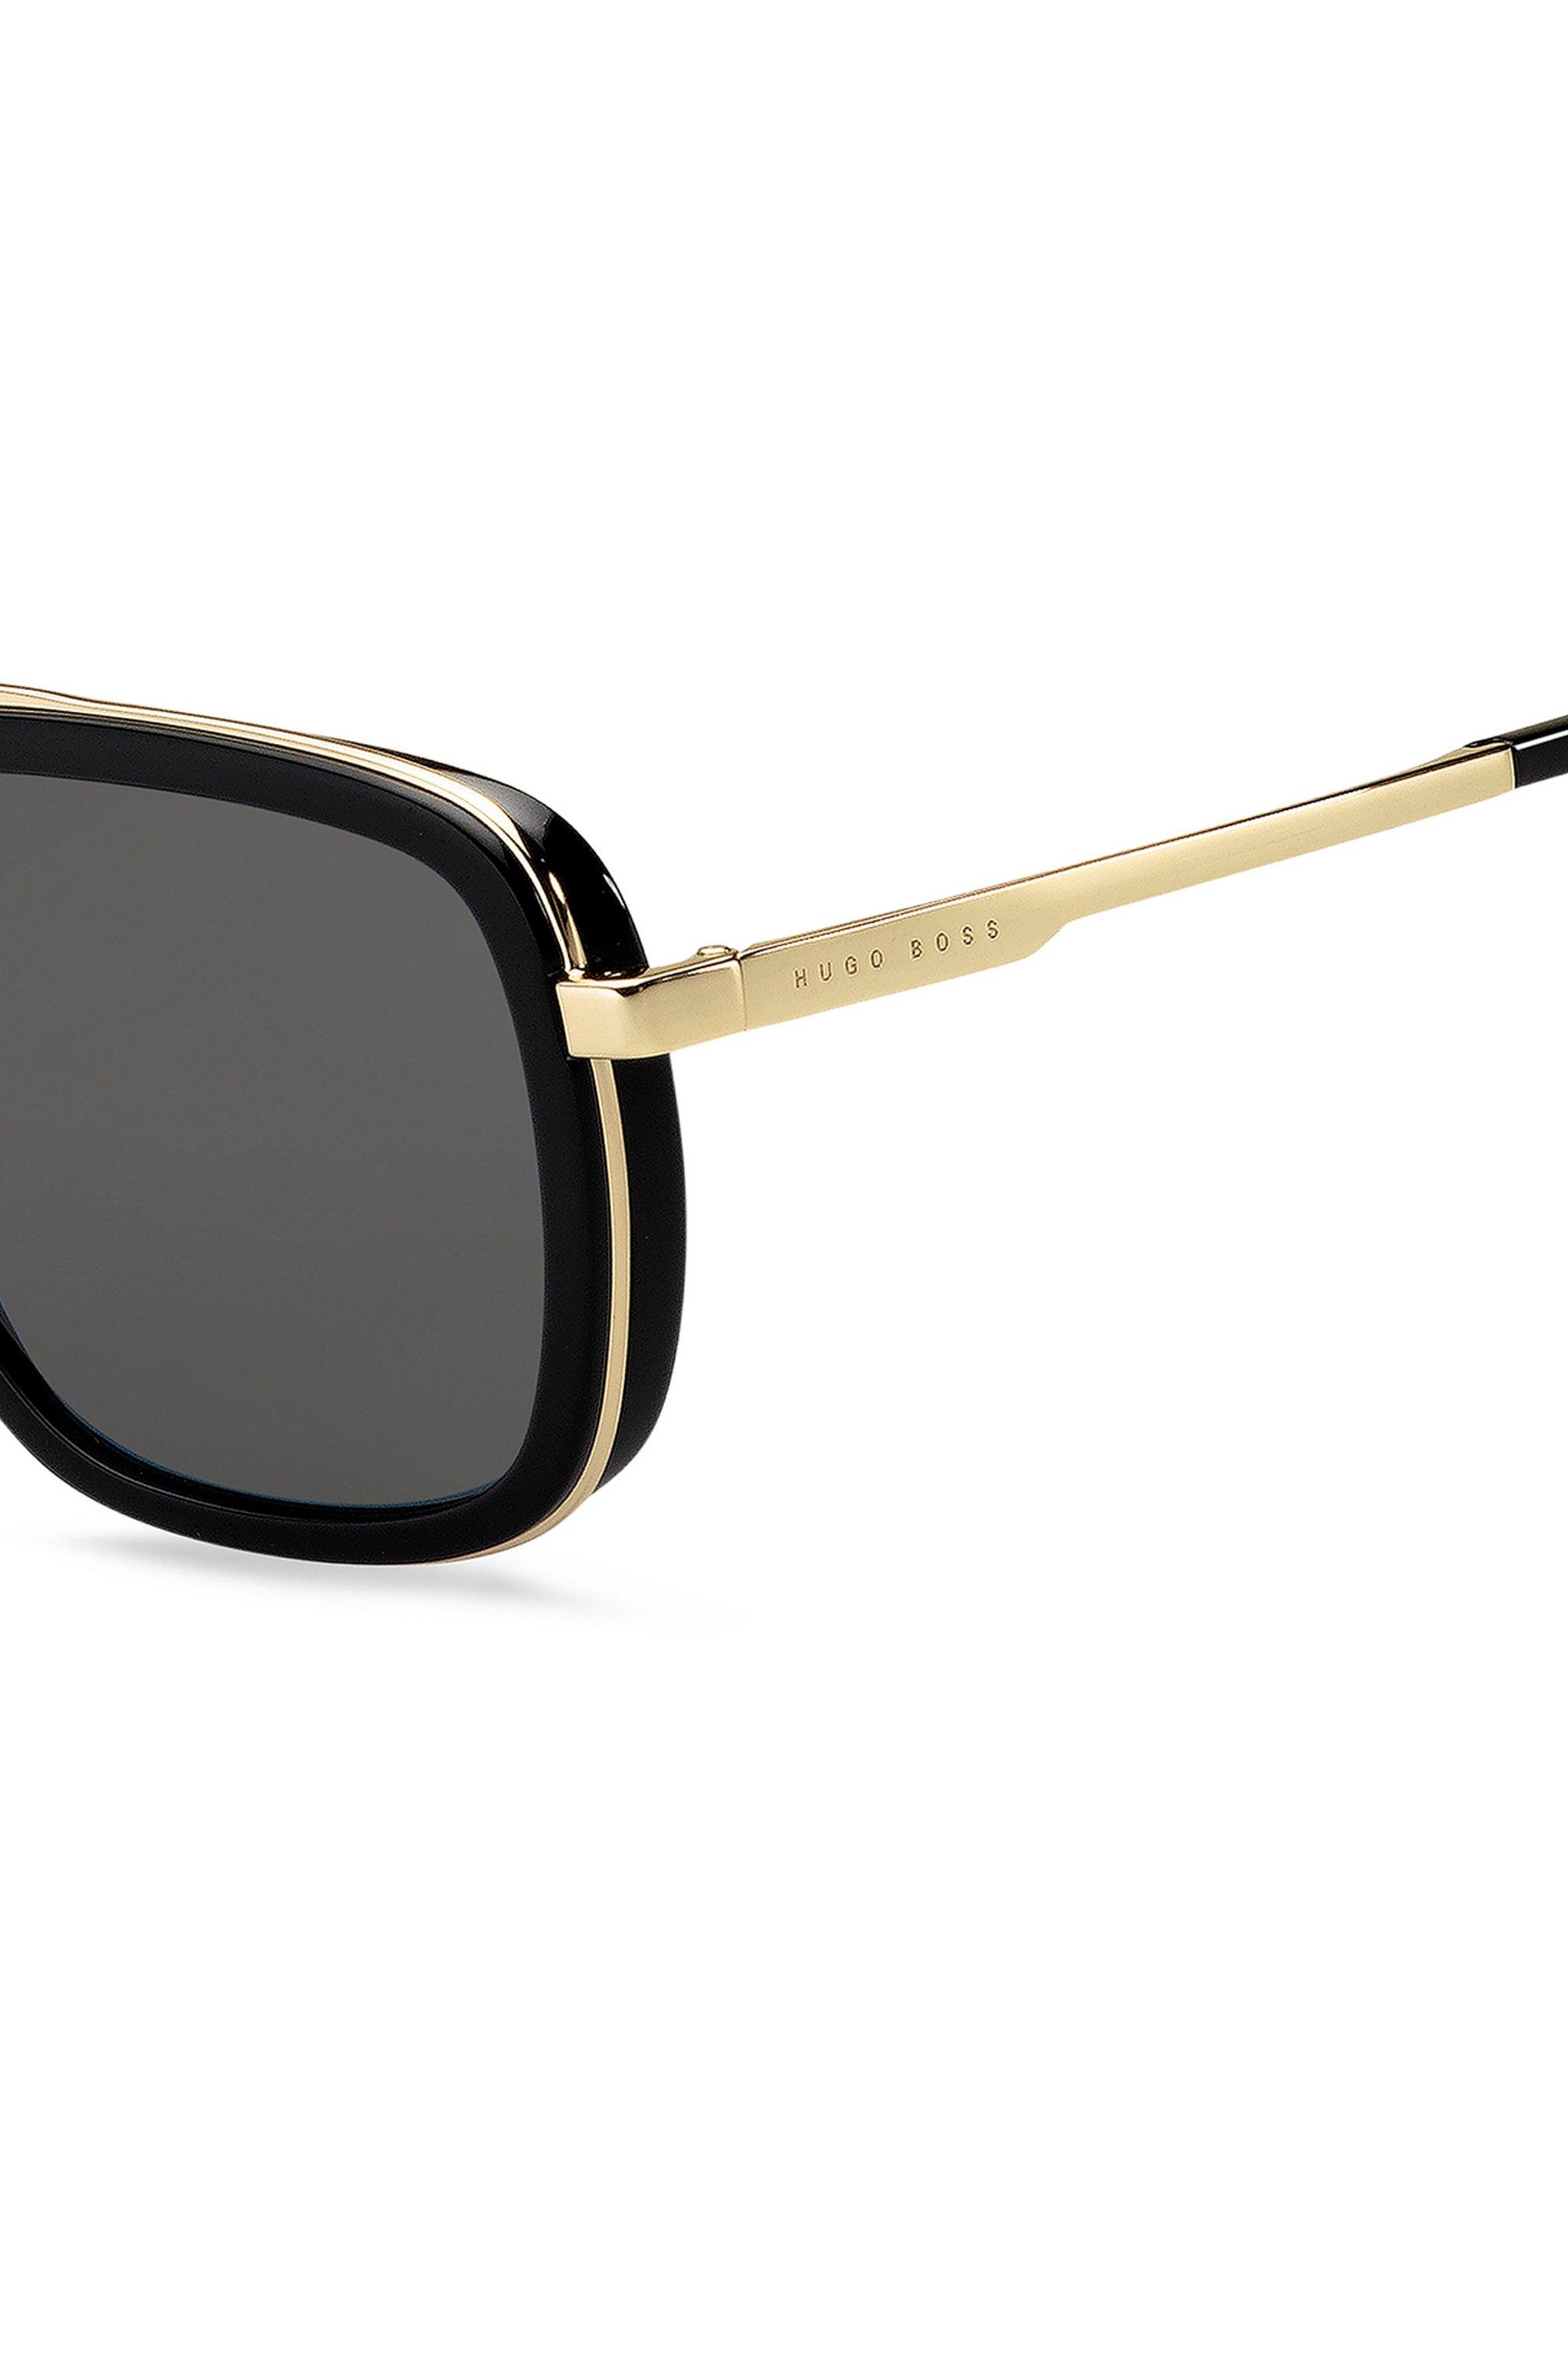 Sonnenbrille mit dreifachem Steg und schwarz-goldfarbener Fassung